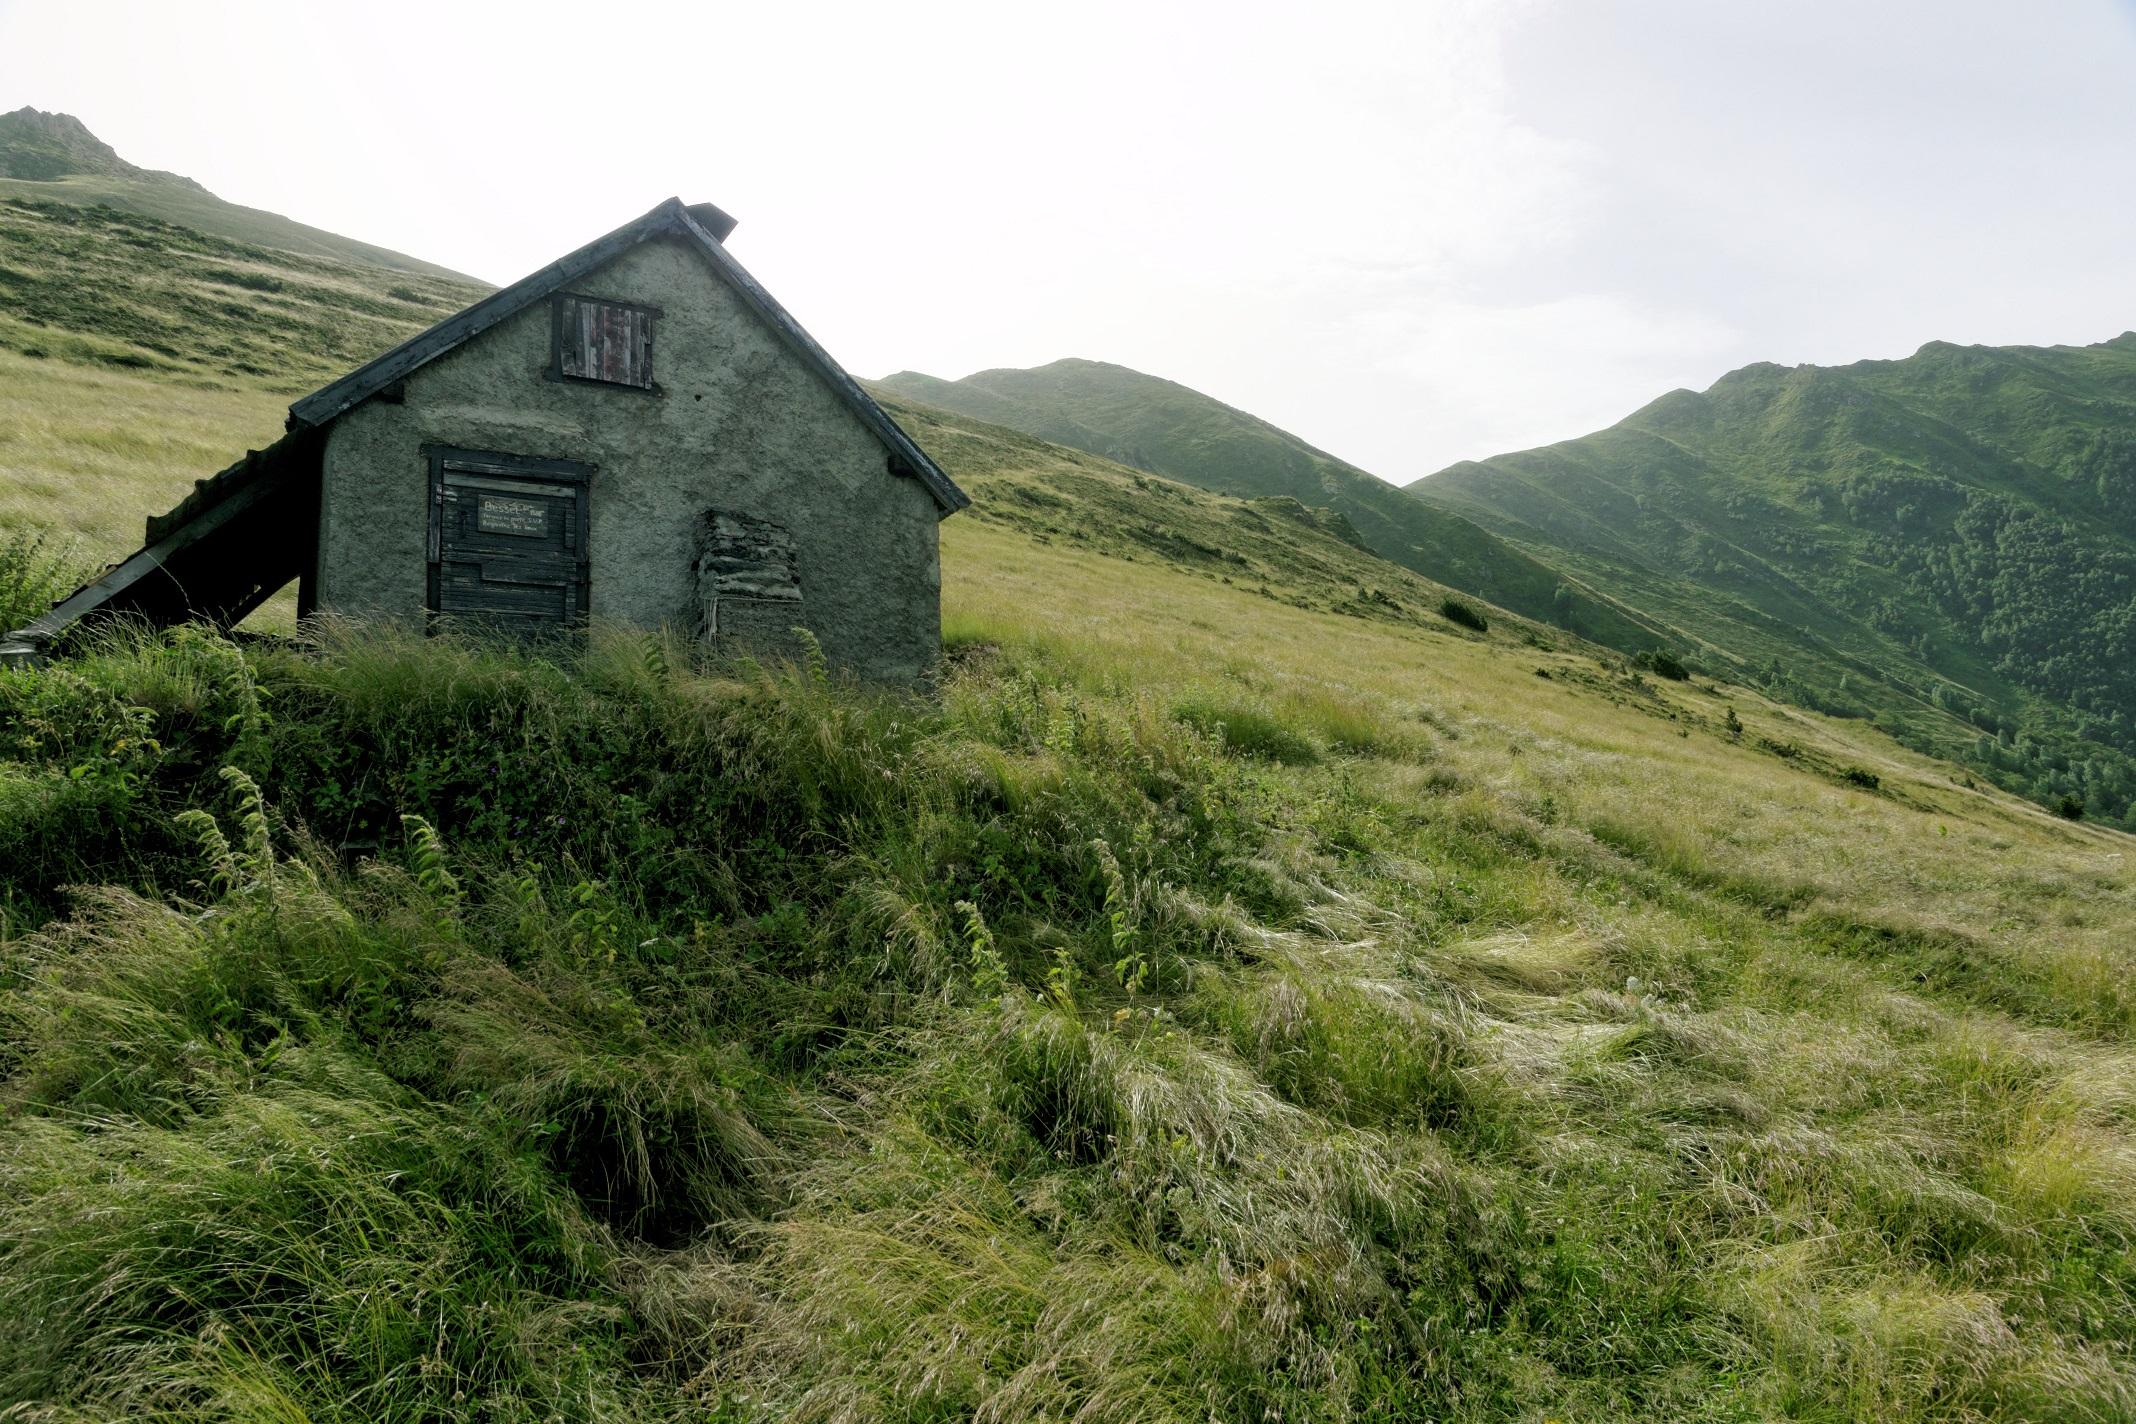 La cabane de Besset